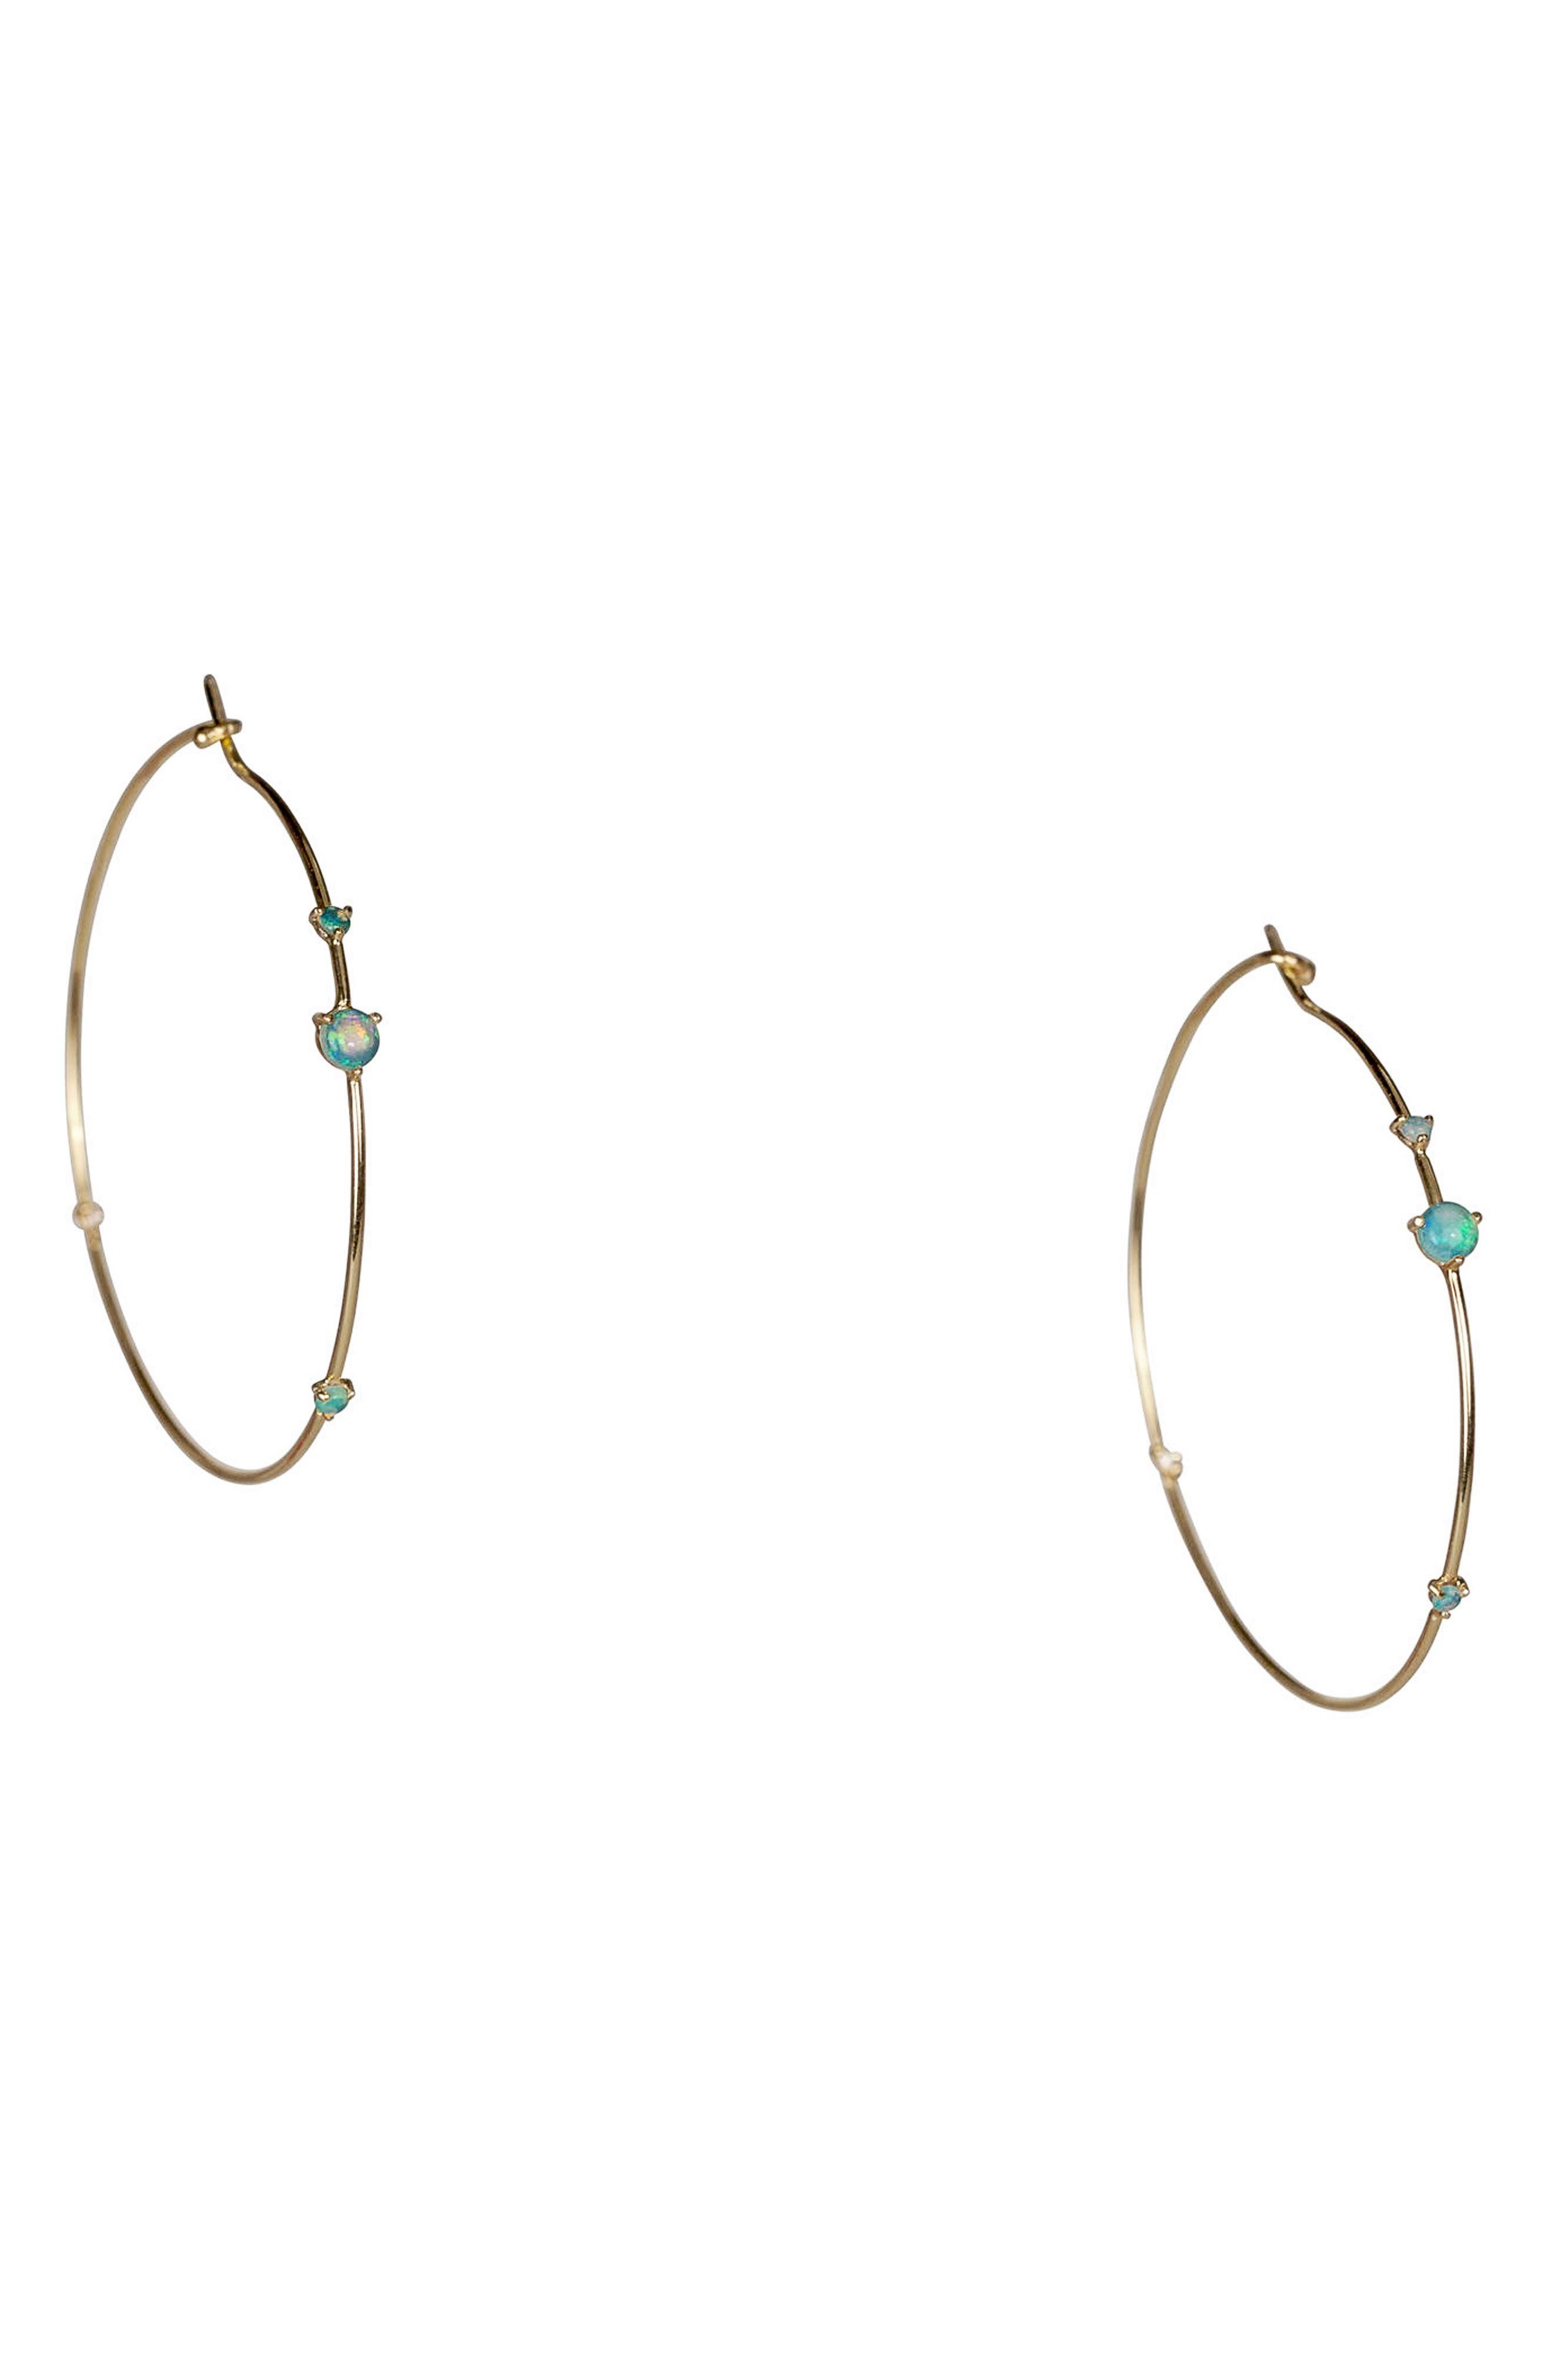 Alternate Image 1 Selected - WWAKE Four-Step Opal & Diamond Hoop Earrings